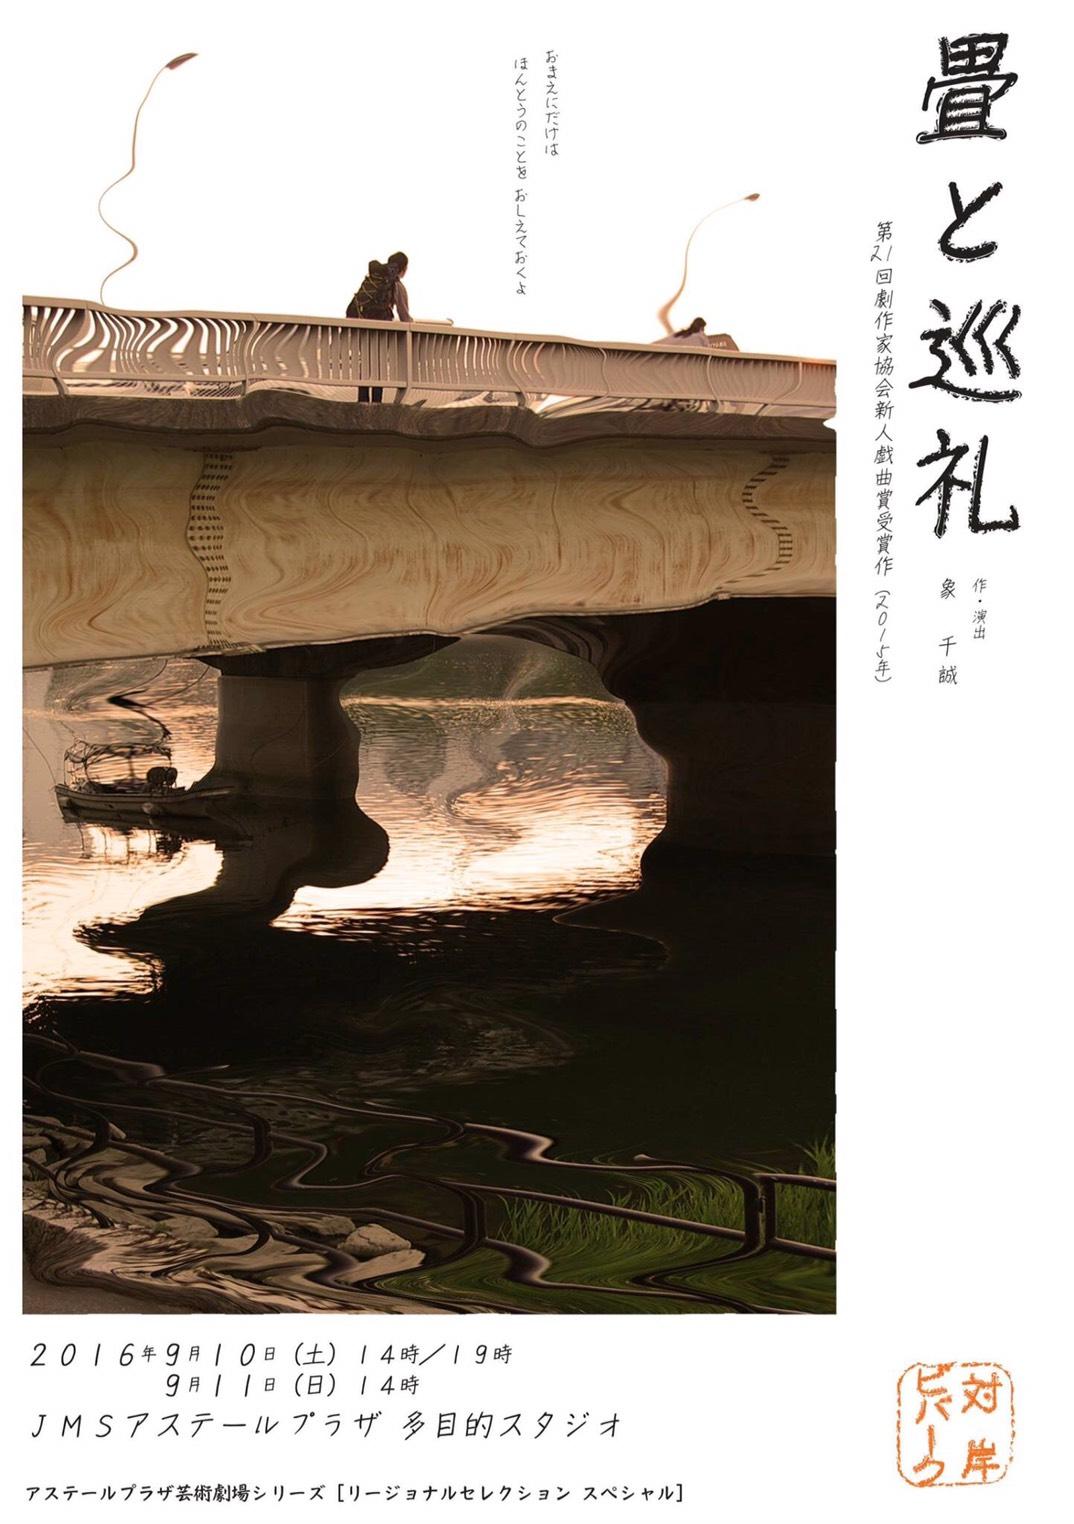 tatamitojunrei1